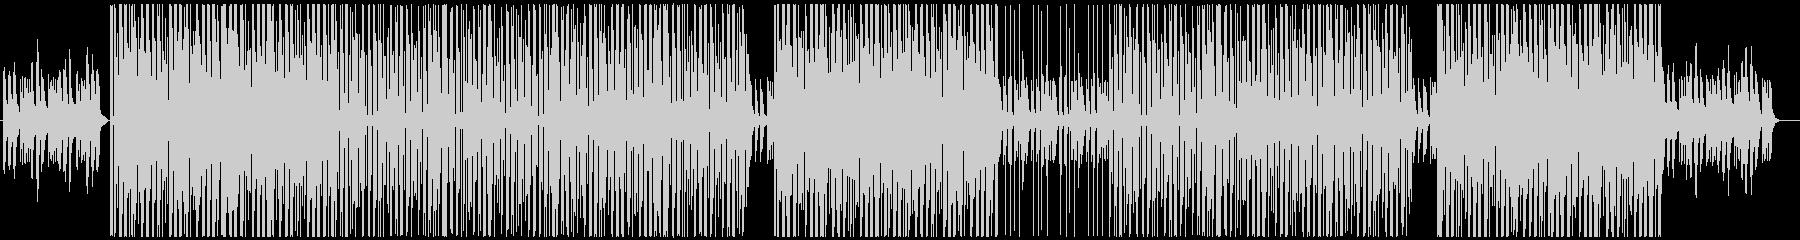 洋楽ポップ♫アリアナ・グランデタイプ♫の未再生の波形